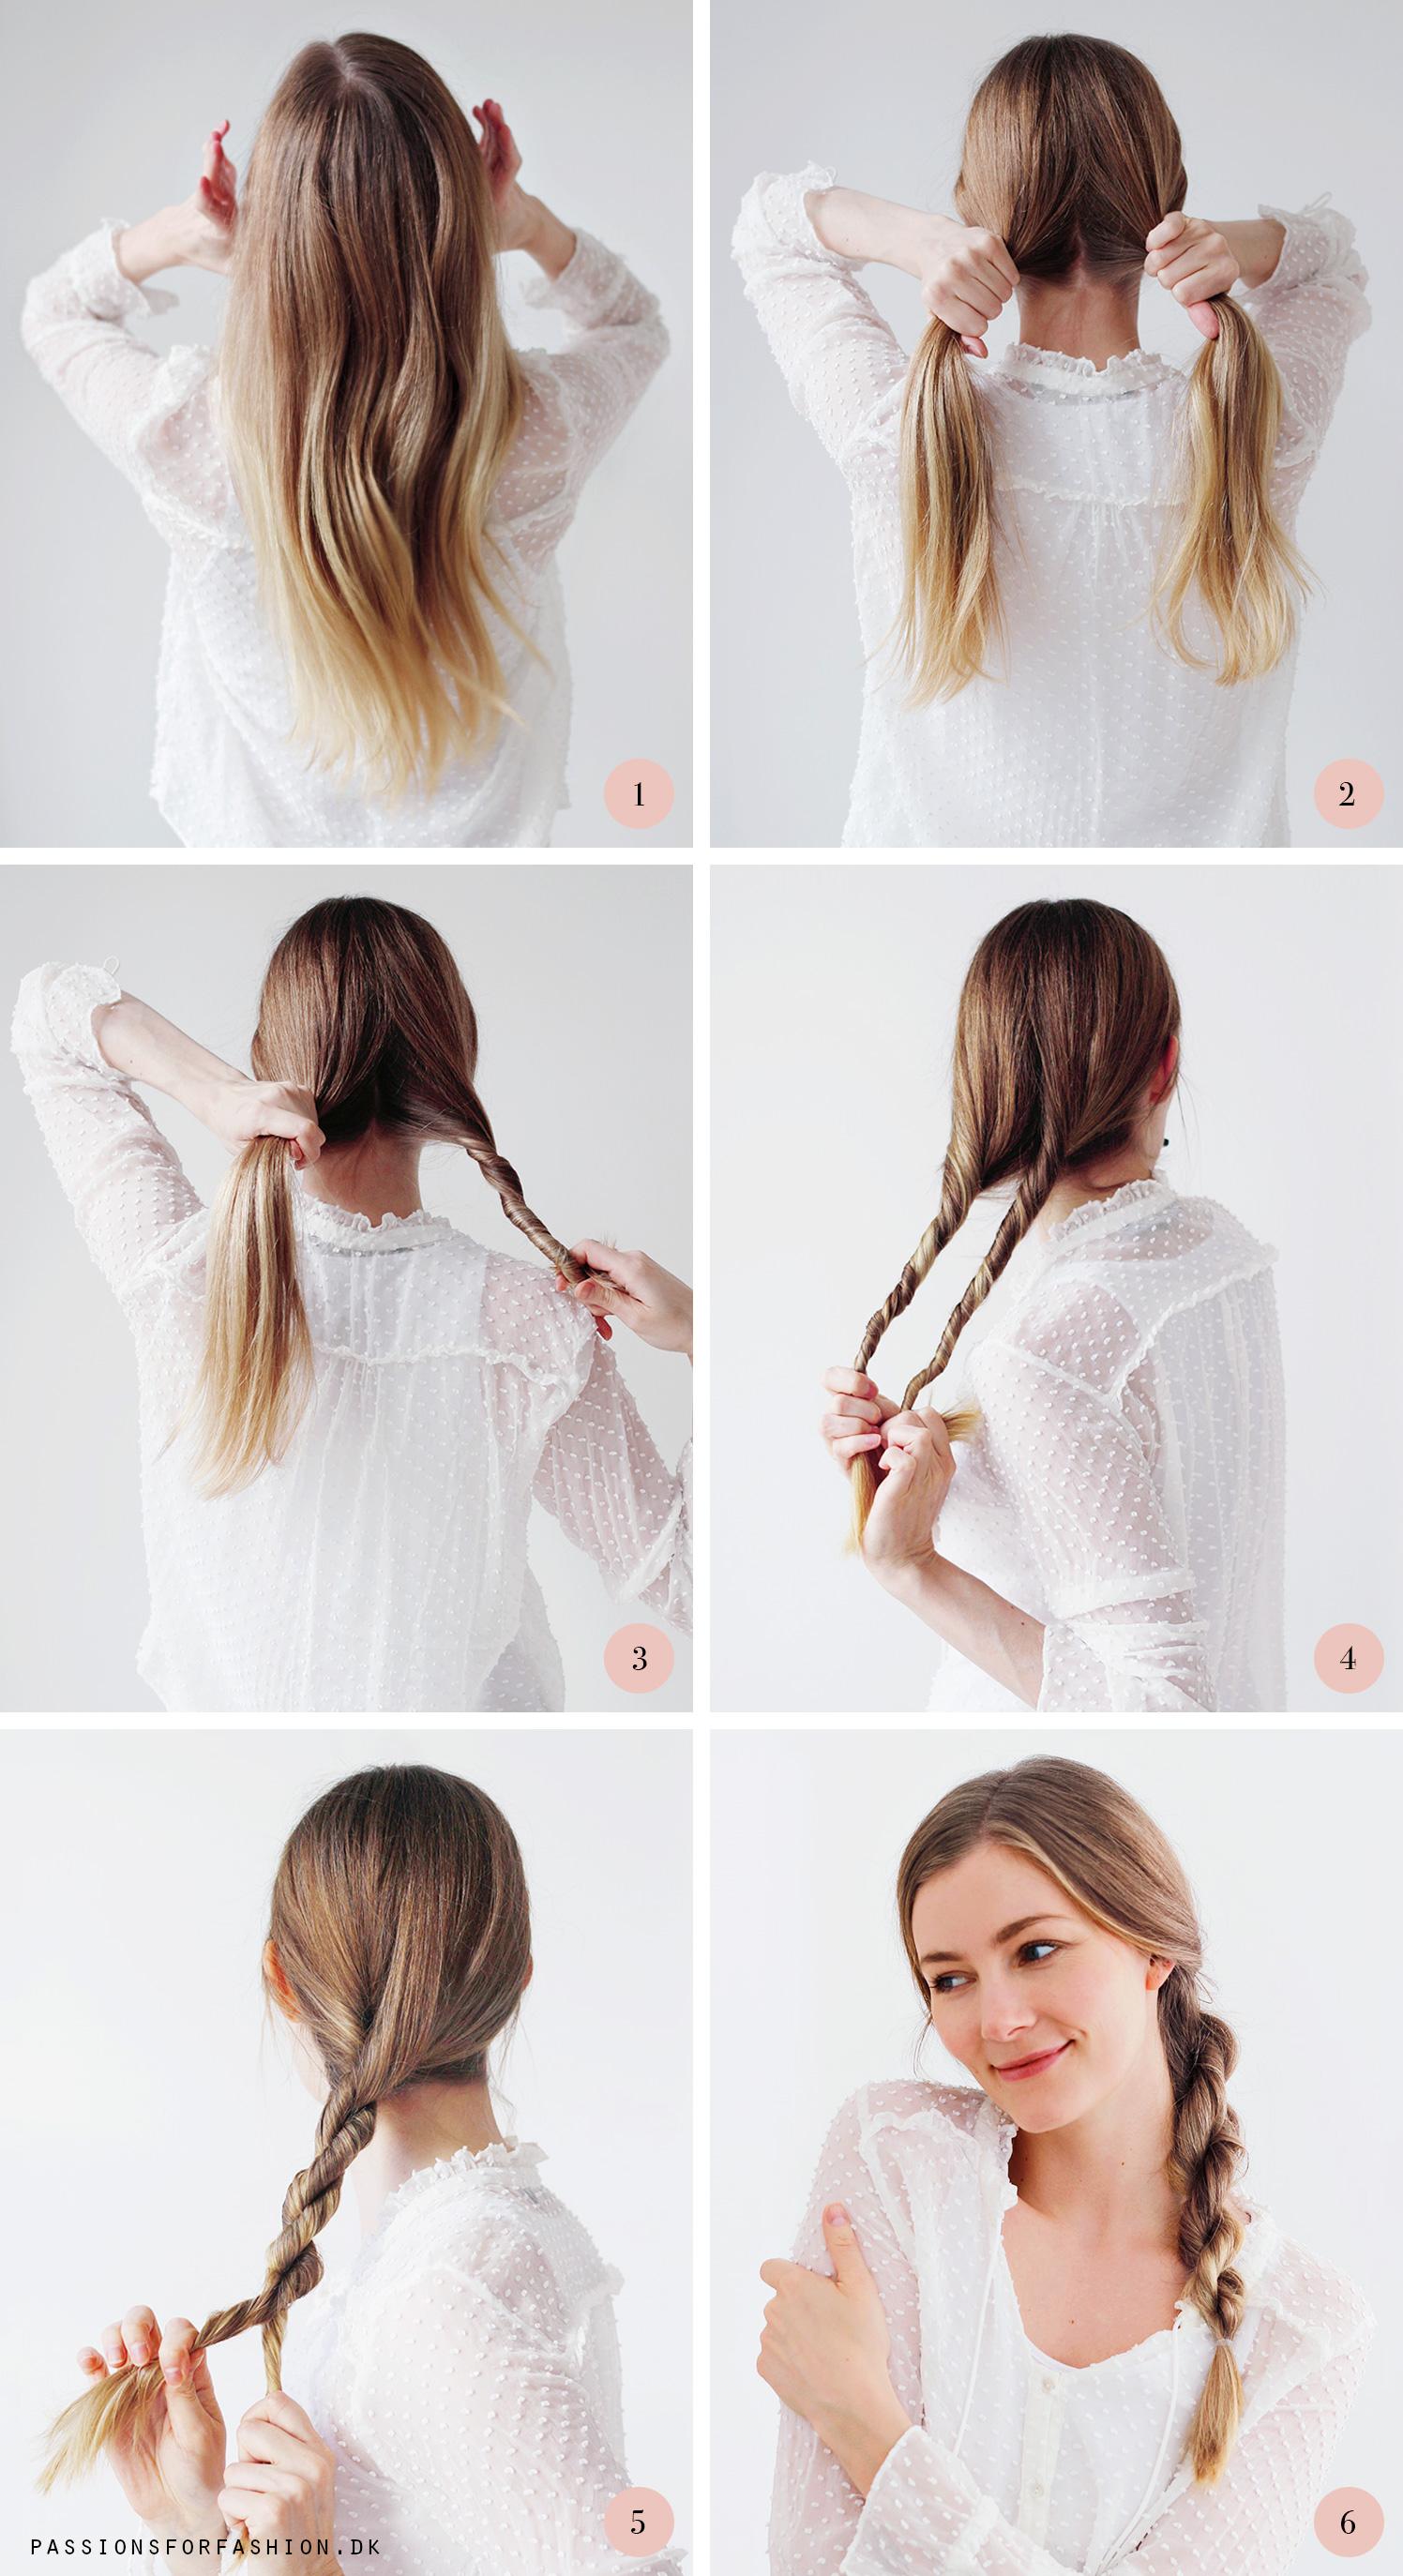 hvordan skal jeg sætte mit hår